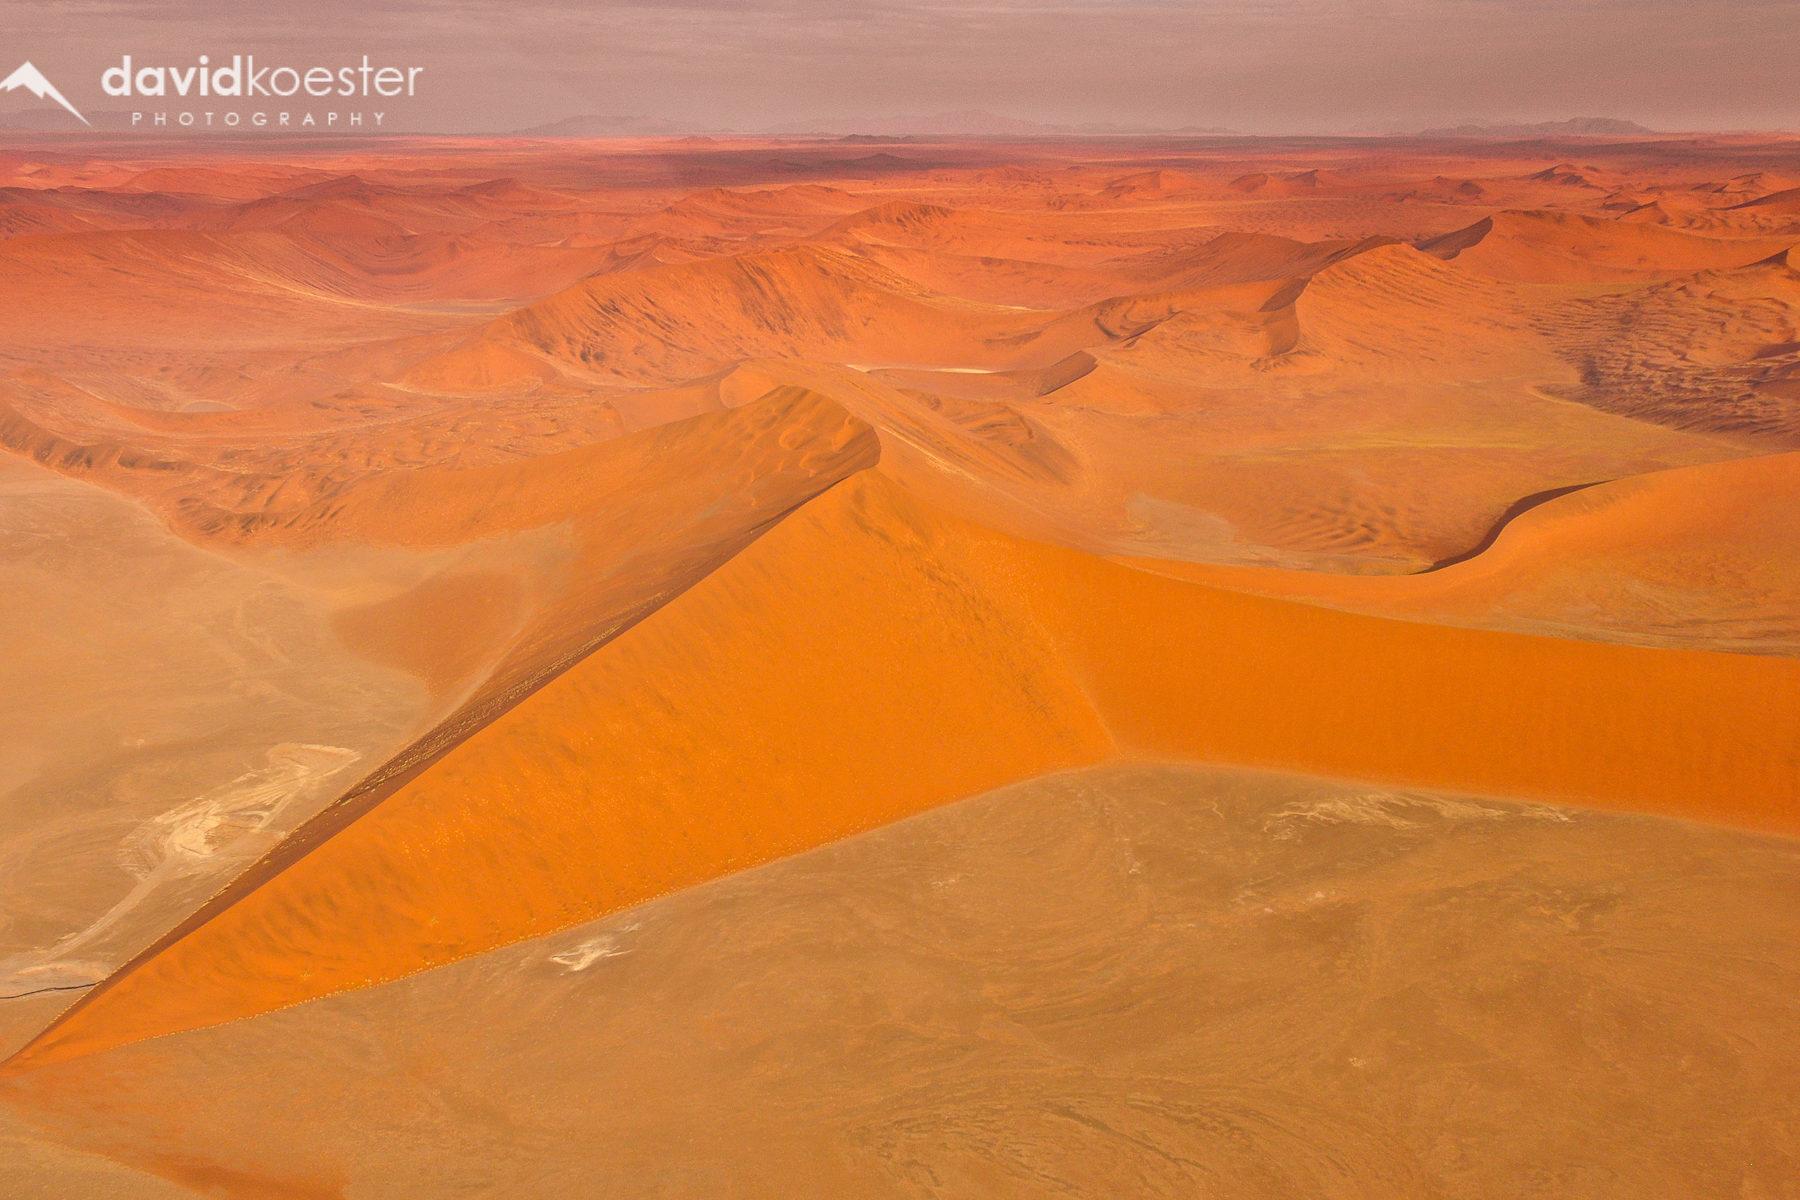 Namibia Wallpaper 3 | Wüste, Dünen, Sossusvlei | 1920×1200 | Hintergrundbild, Desktopbild, Bildschirmhintergrund